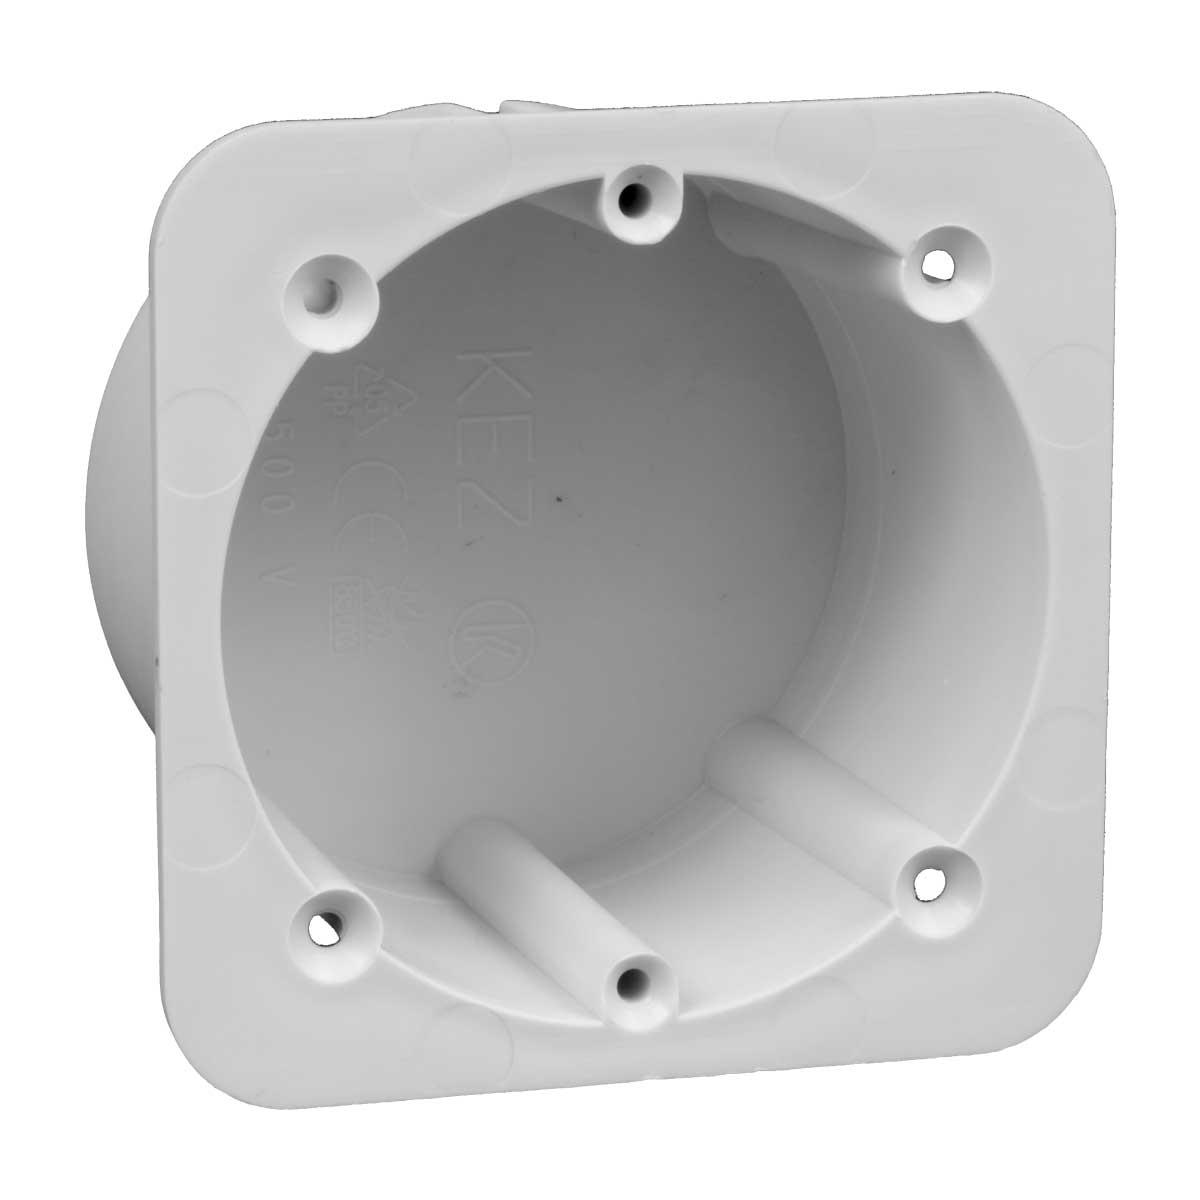 KOPOS Náhradní díl krabice elektroinstalační do zateplení